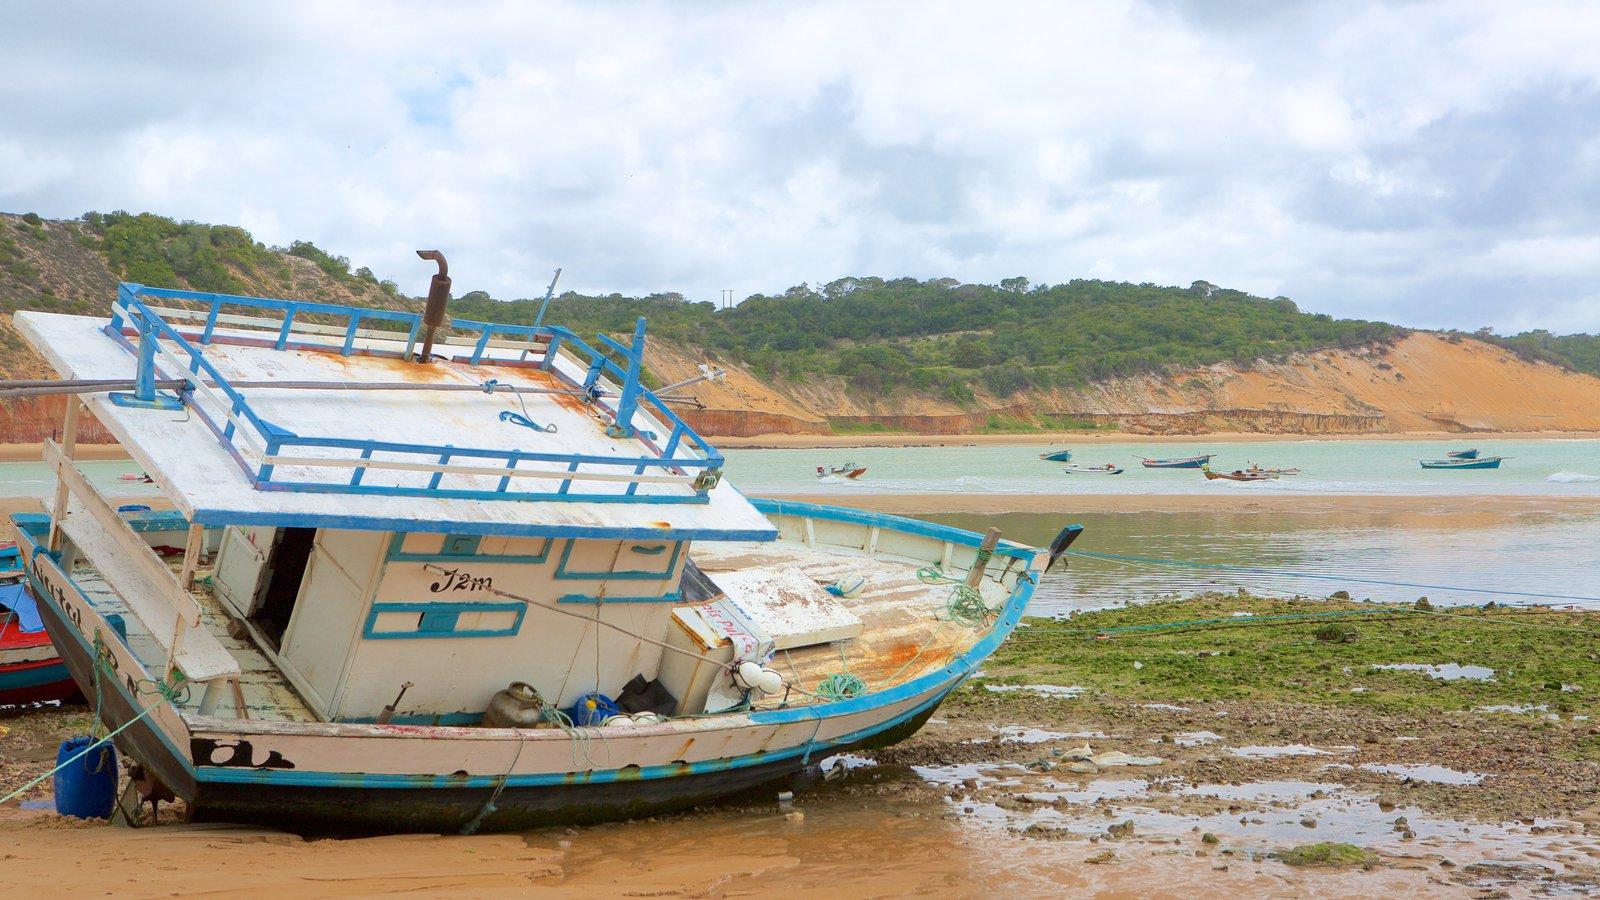 Baía Formosa que inclui paisagens litorâneas e uma praia de areia